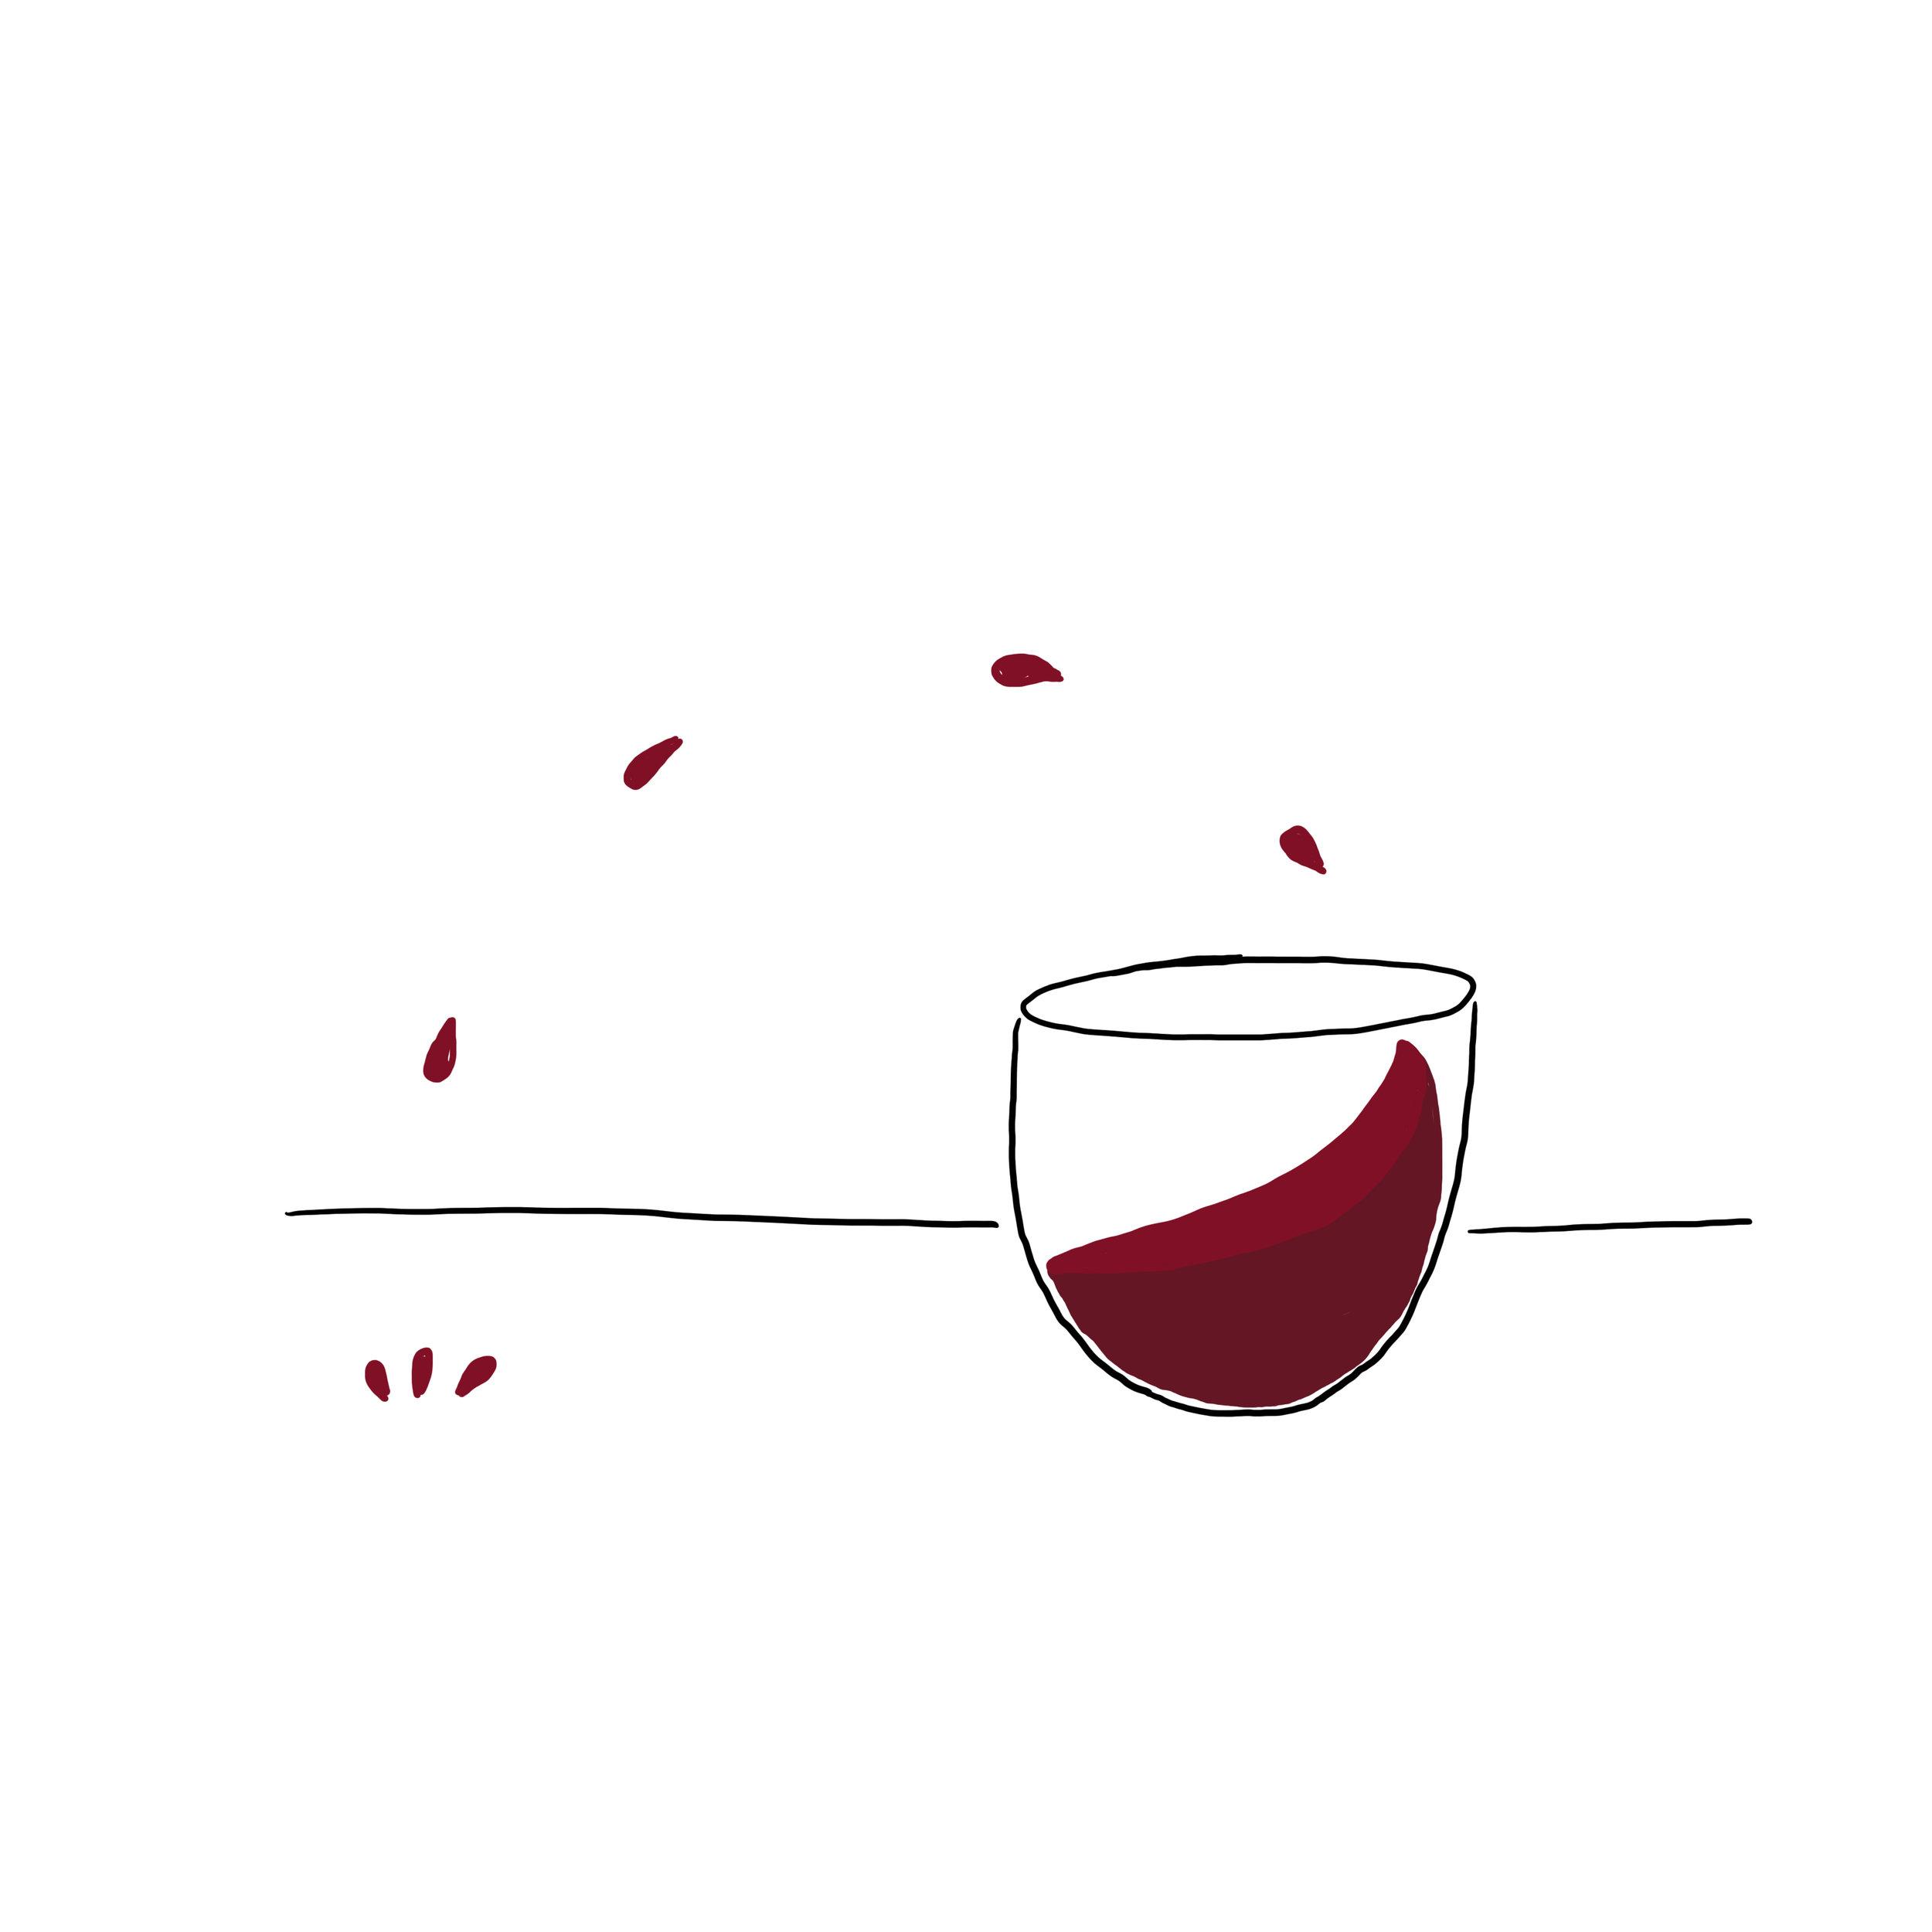 spots_06_jumping wine.jpg